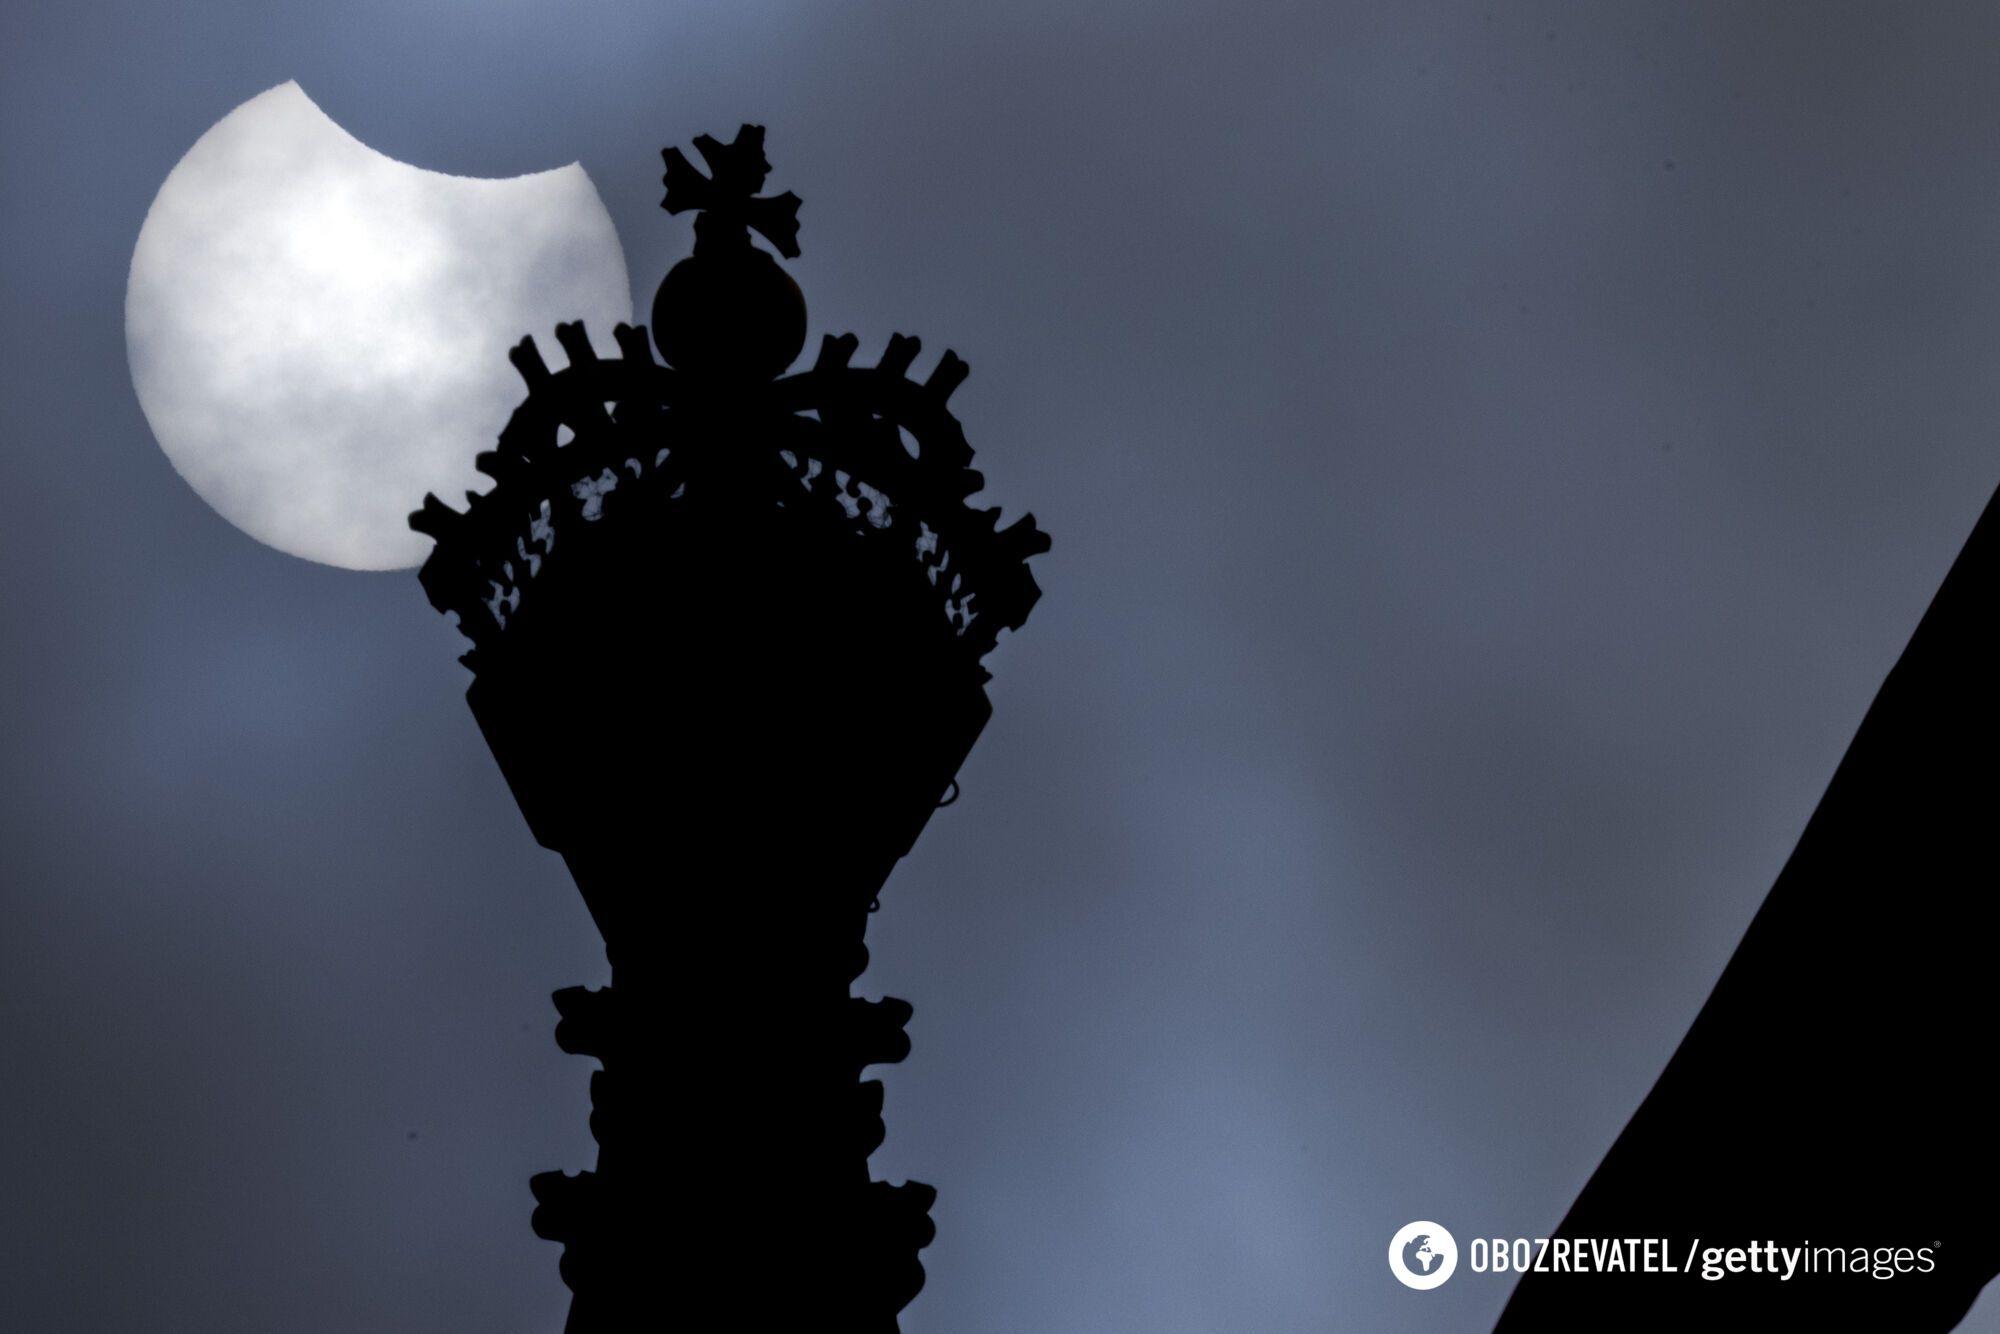 Сонячне затемнення в Британії